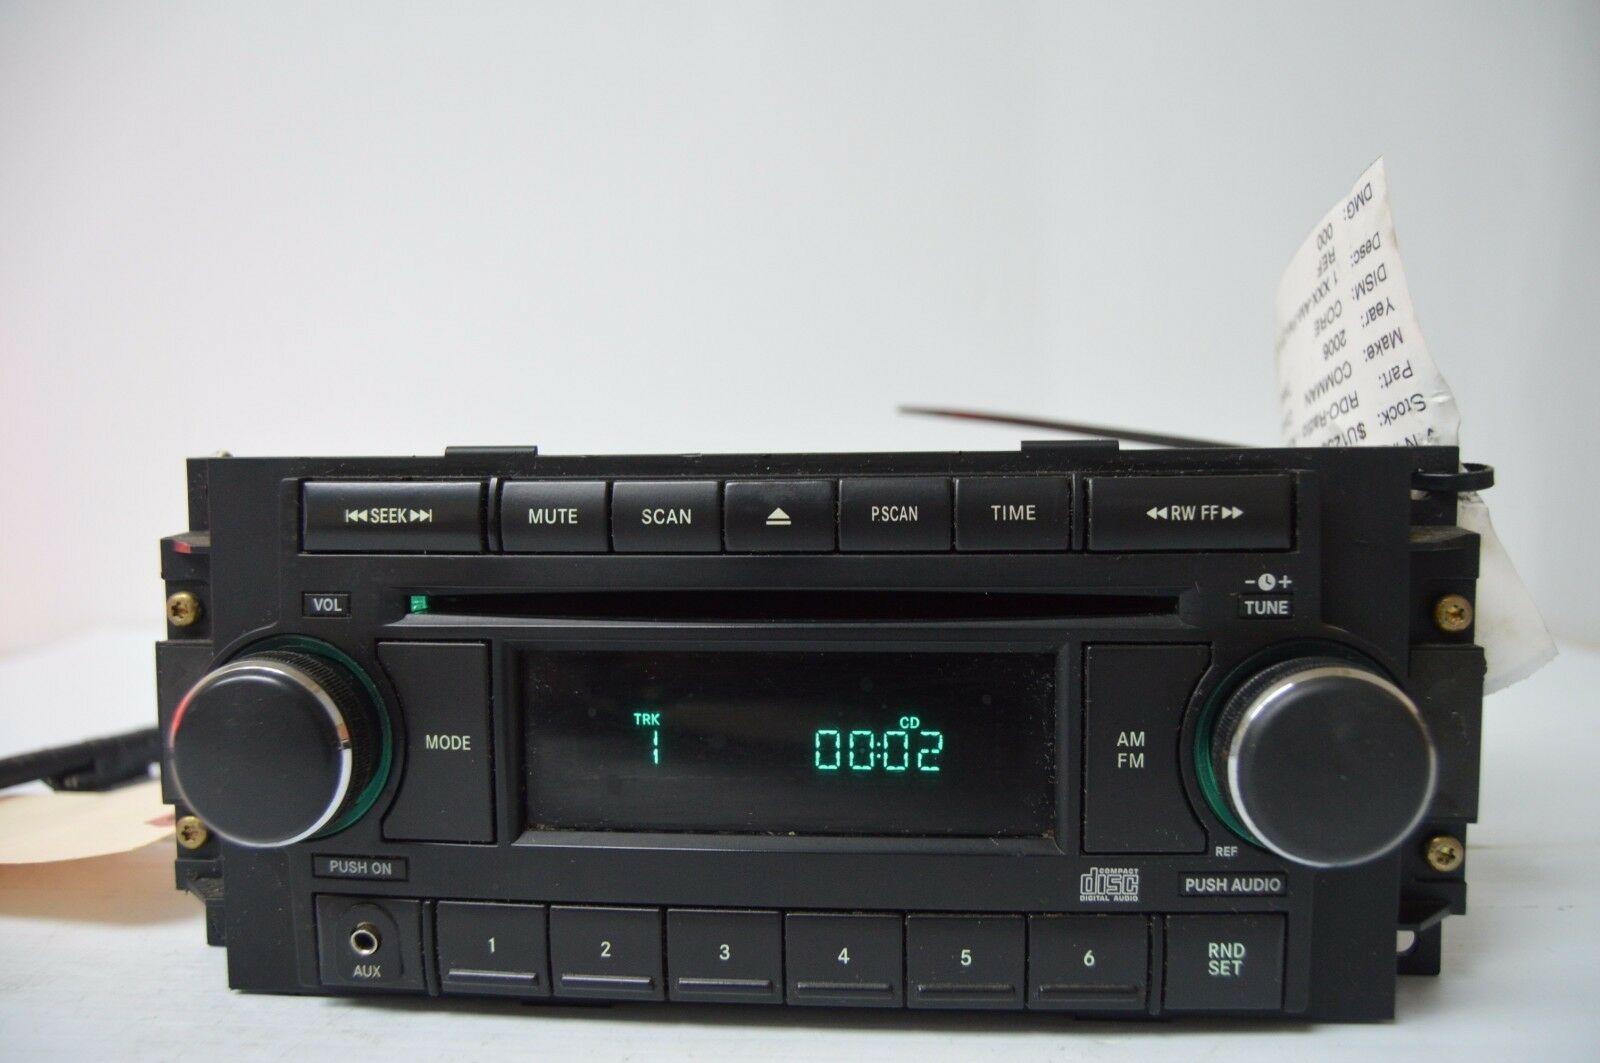 2004-2010 CHRYSLER DODGE RADIO CD PLAYR AUX IPOD (FOR PARTS) P05064171AF C13#017